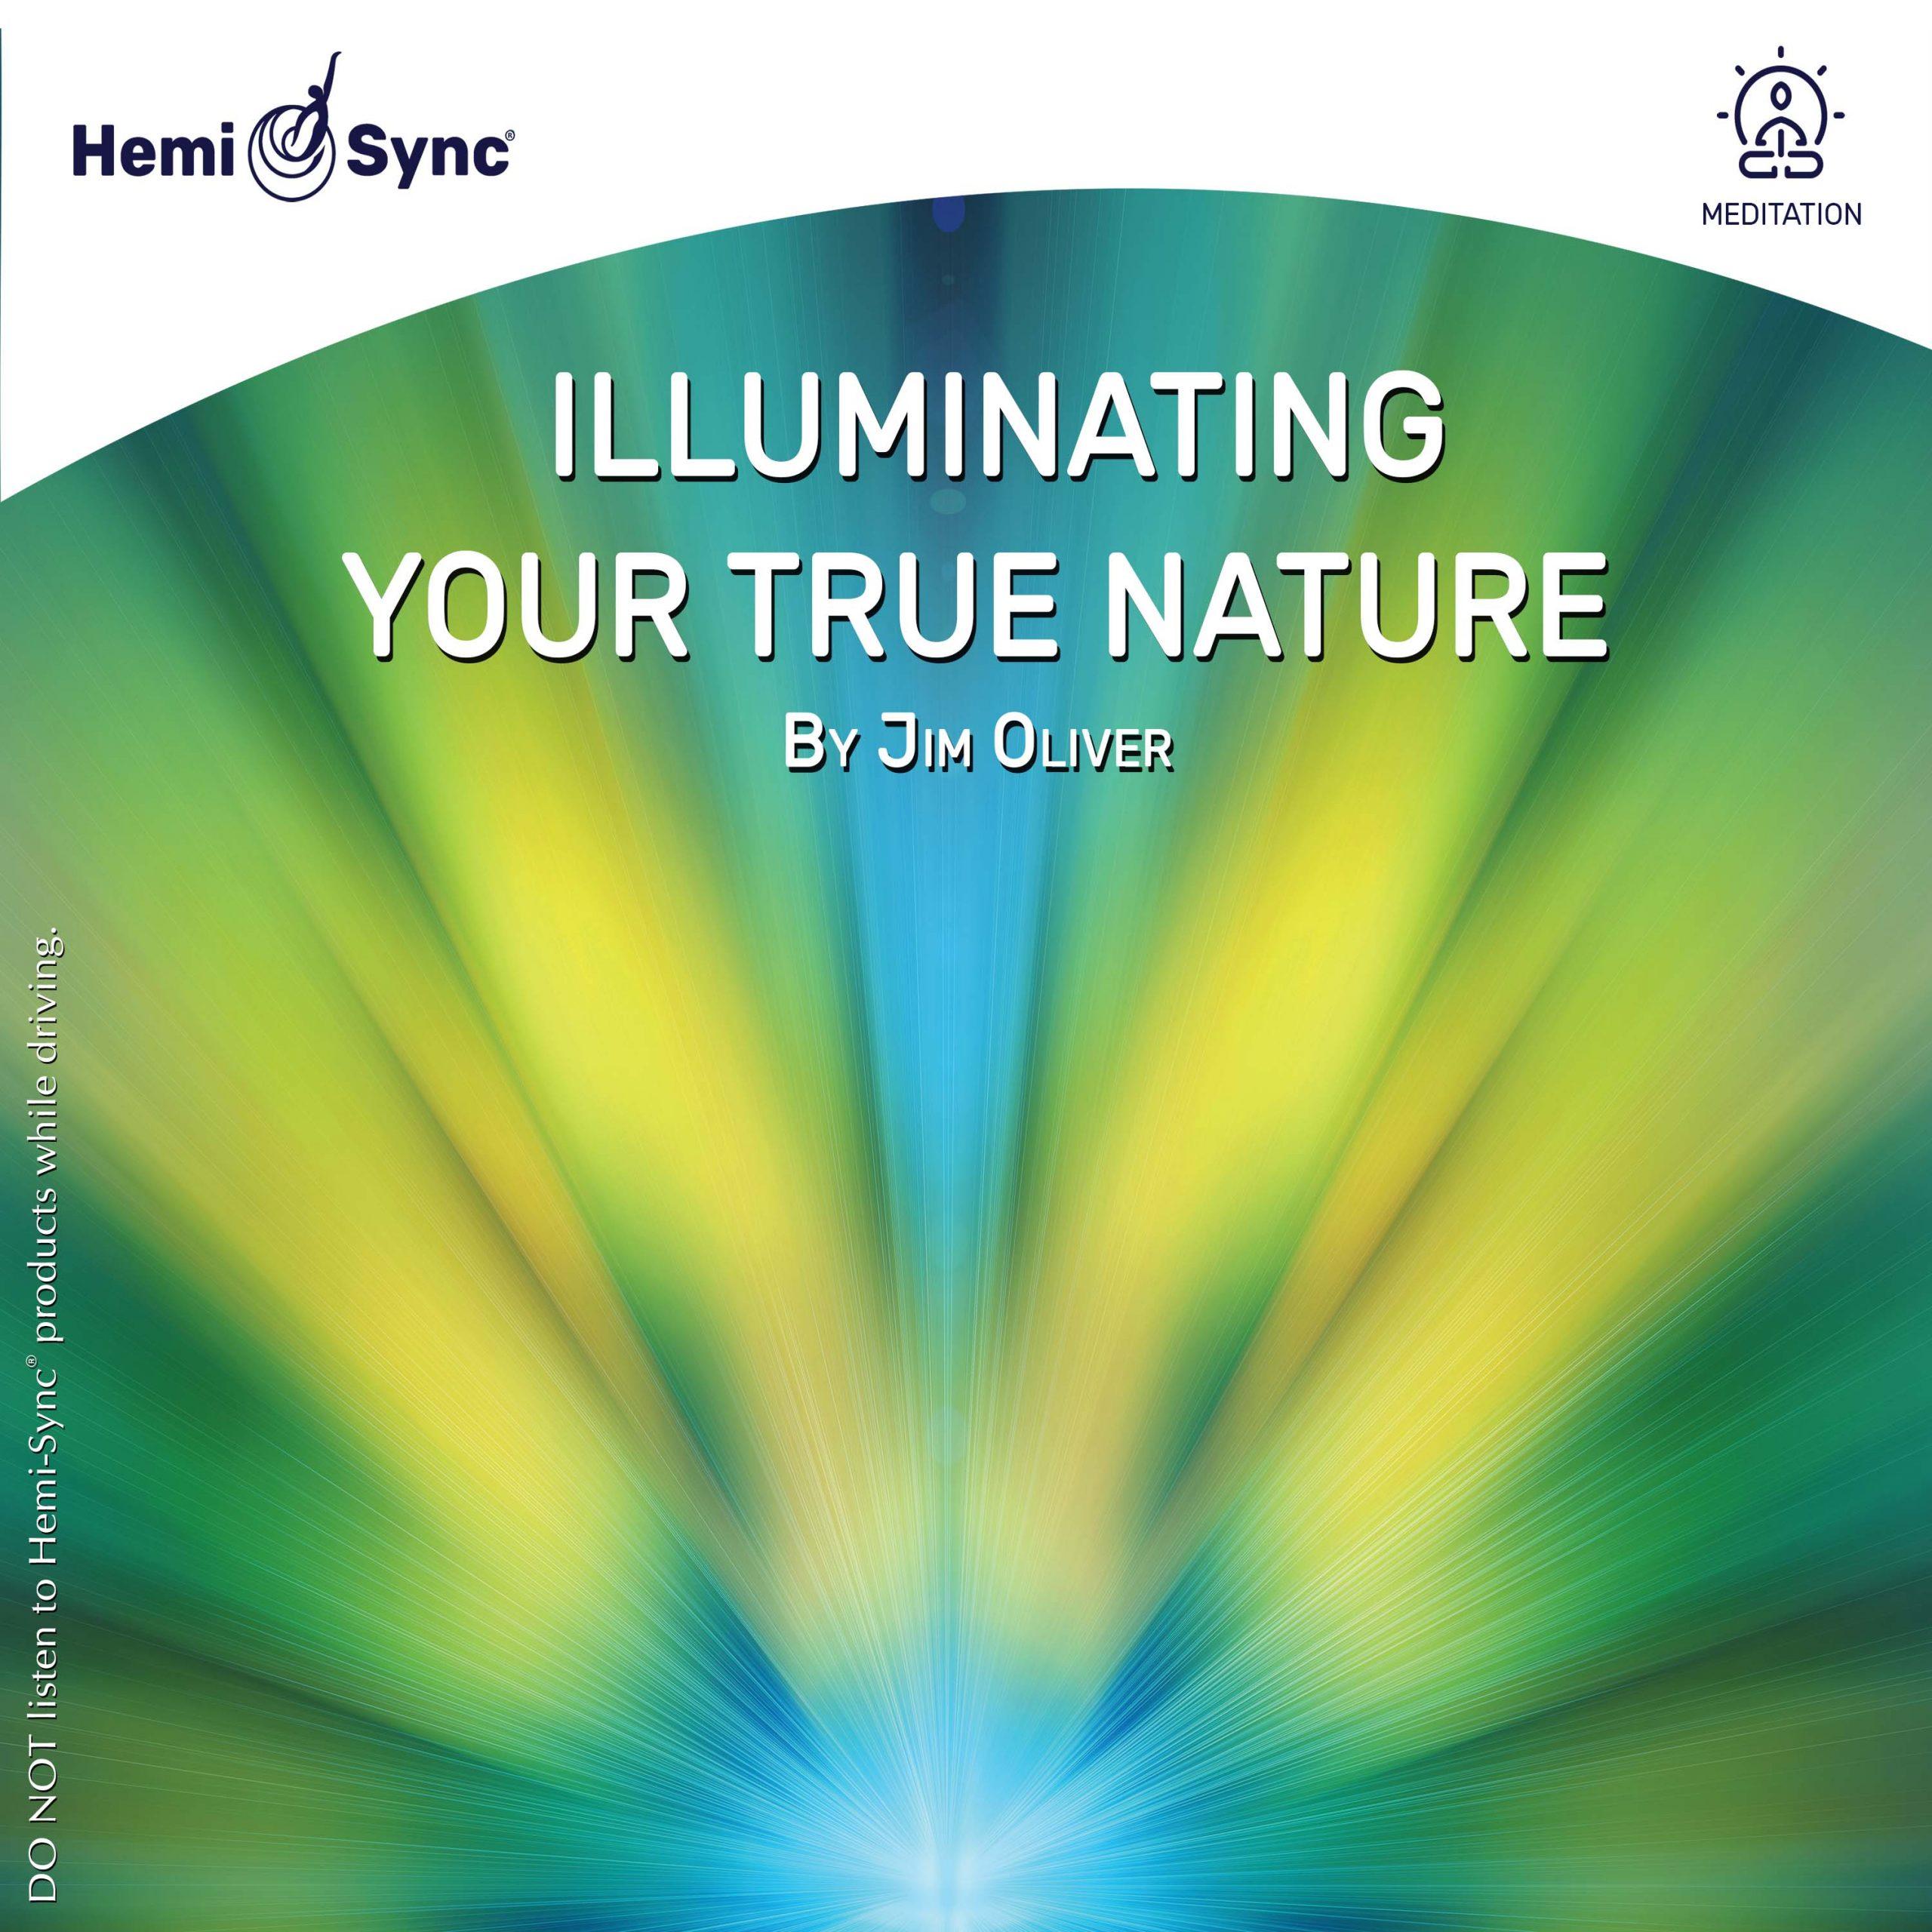 illuminating your true nature